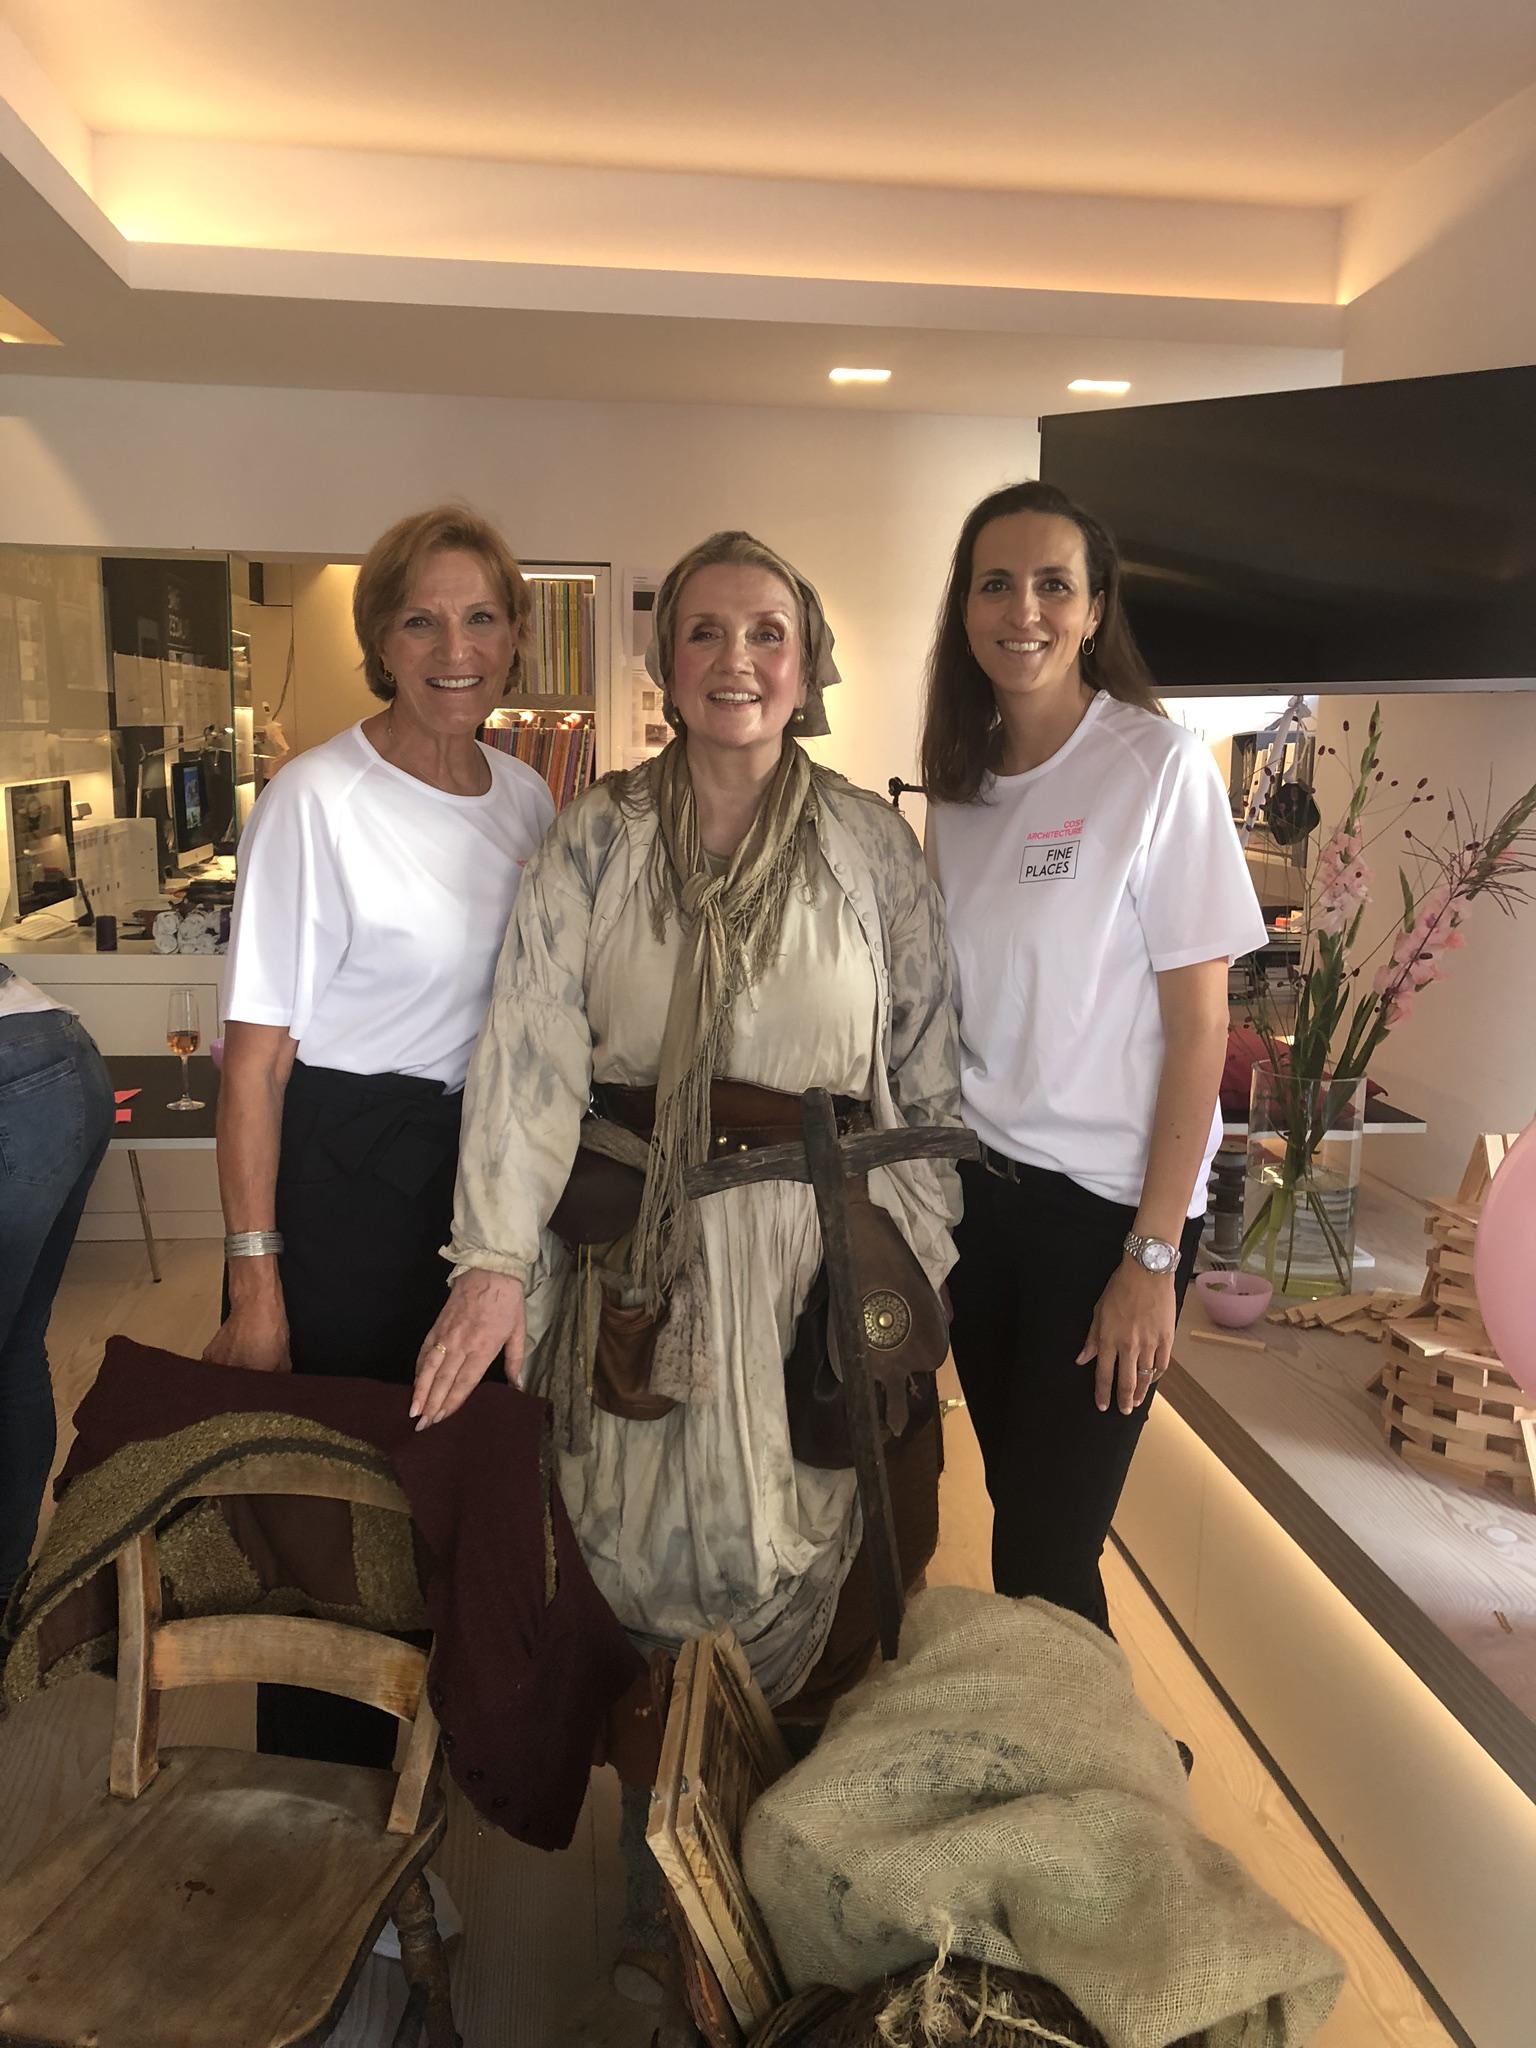 Unsere Märchenerzählerin mit Margot Blume-Gast und Sarah Seifert